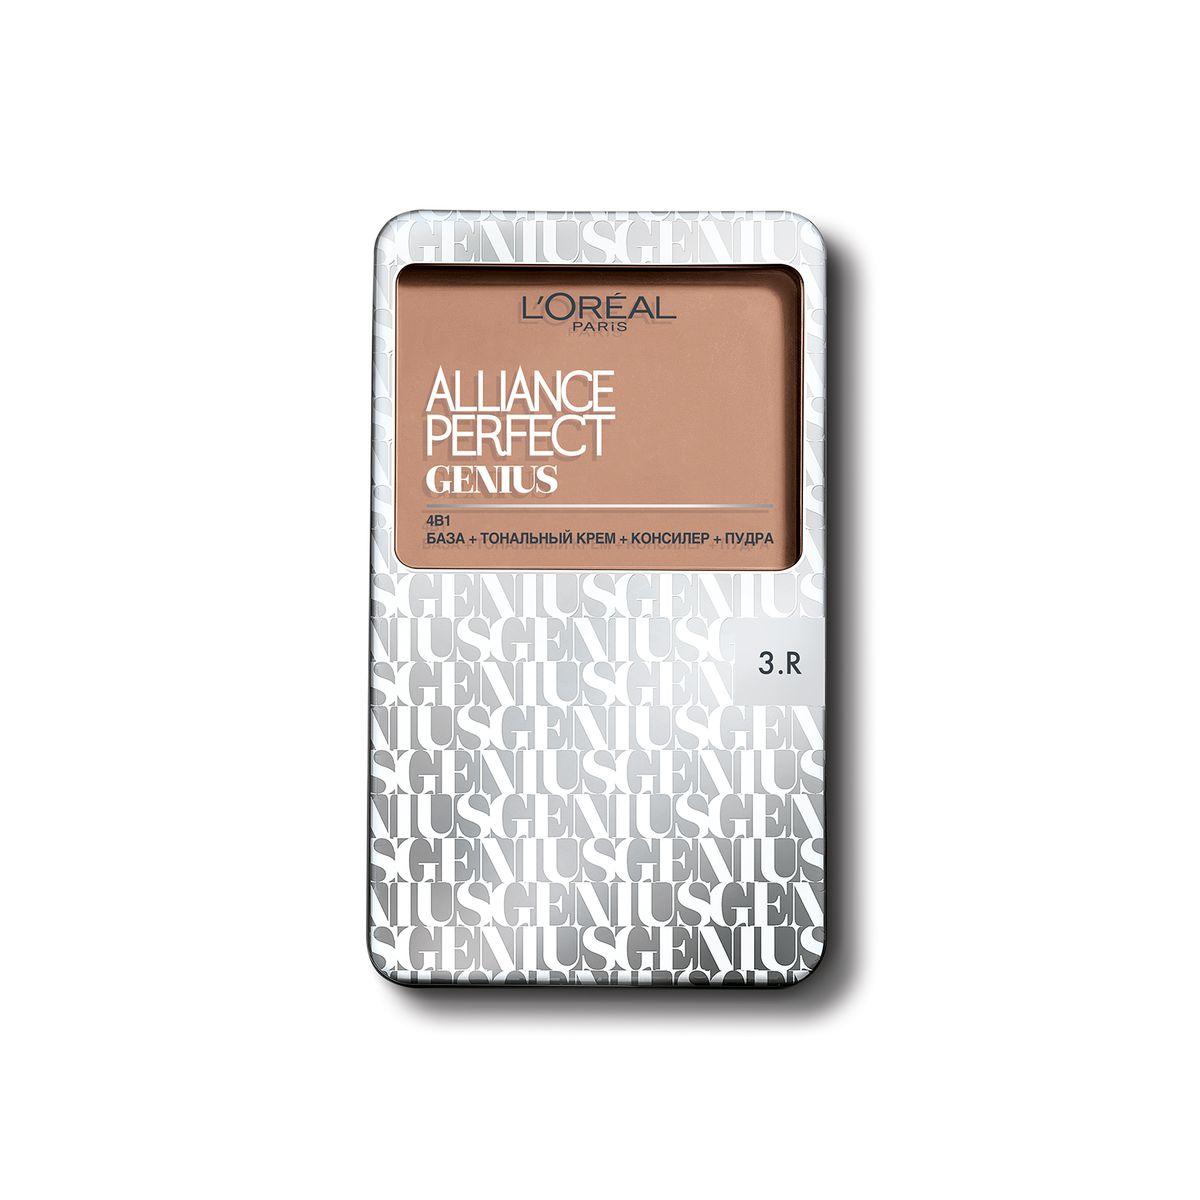 LOreal Paris Компактное тональное средство Alliance Perfect Genius 4-В-1, база, консилер, пудра, оттенок 3.R, Бежево-Розовый, 7 гA7886300Тональное средство Alliance Perfect Genius 4В1 1-й «УМНЫЙ» МАКИЯЖ от L'Oreal Paris. Универсальное тональное средство, которое объединяет в себе сразу 4 средства: базу, разглаживающую поверхность кожи, тональный крем, выравнивающий ее цвет, консилер, скрывающий недостатки и пудру, фиксирующую макияж.